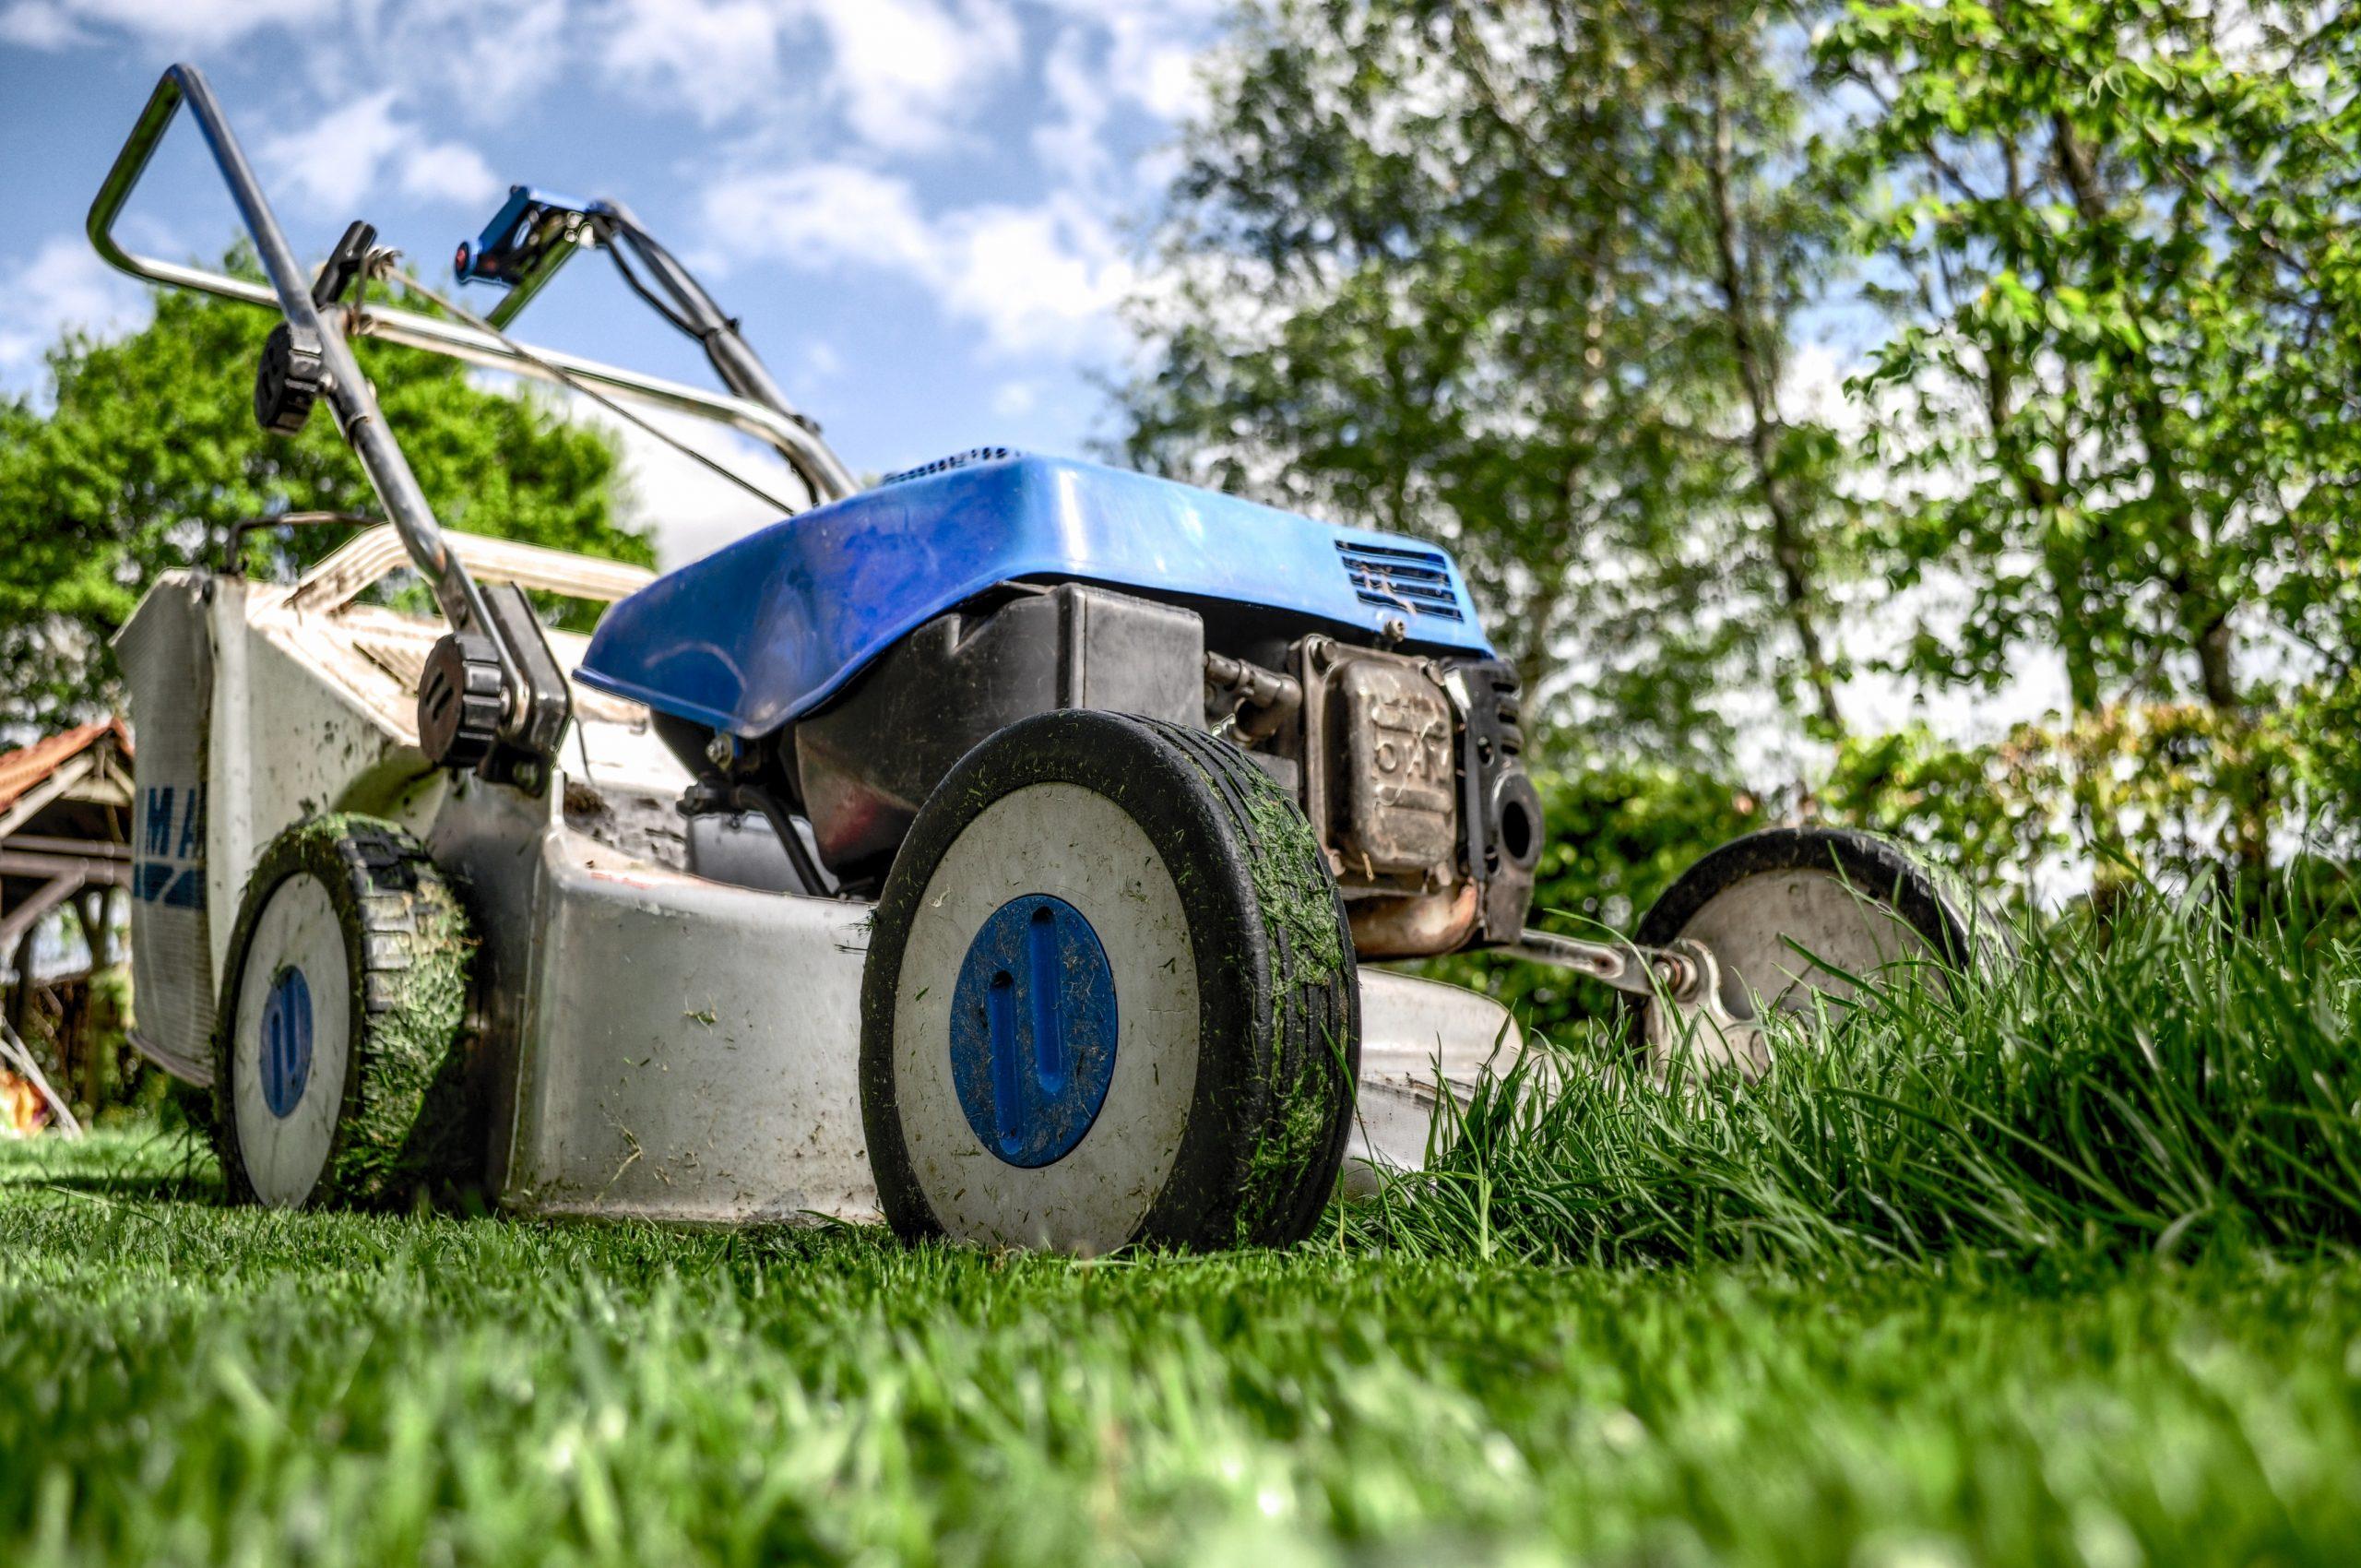 Lawn Mower Repair Cost Denver